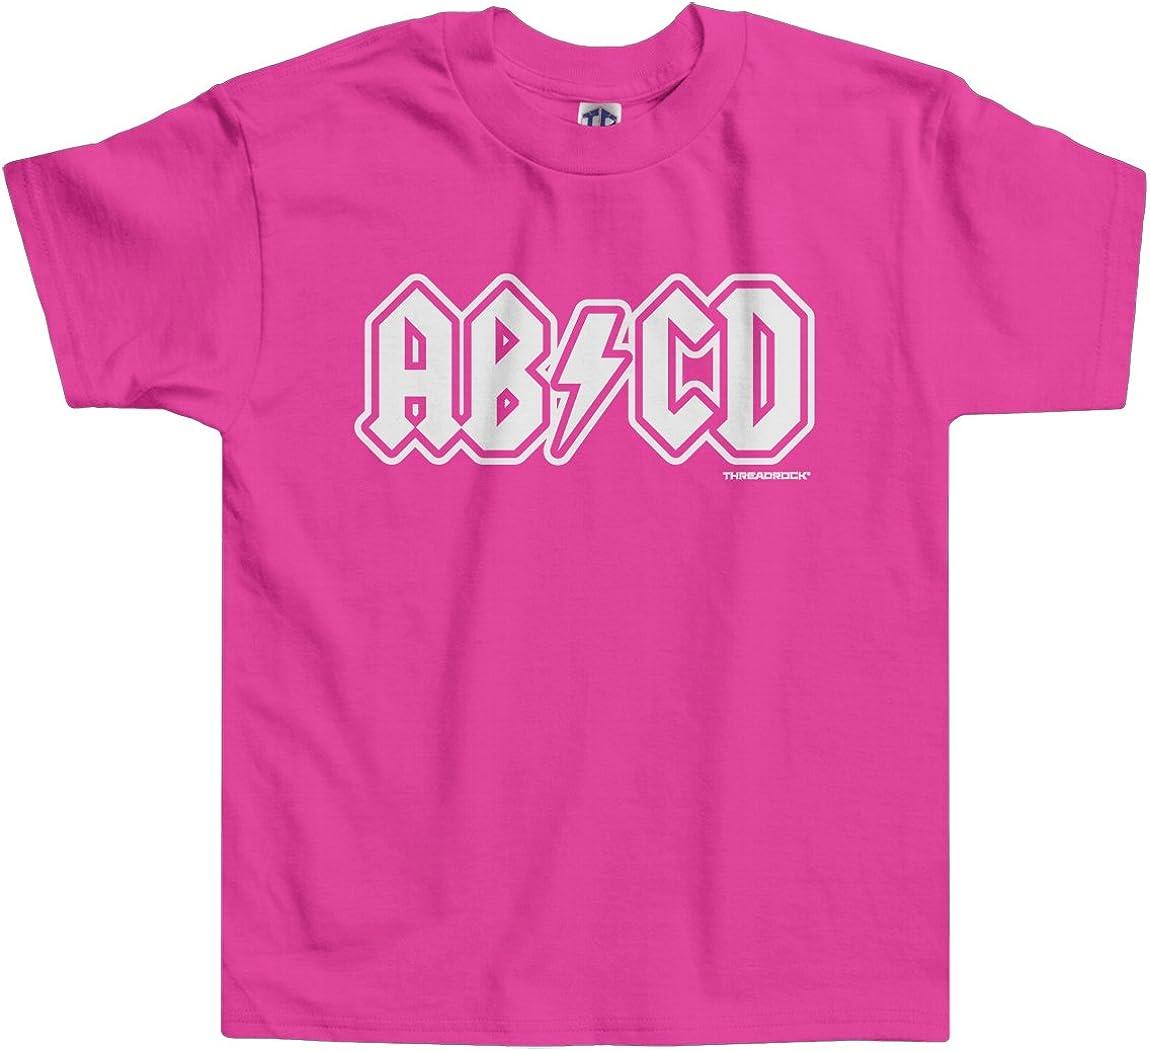 Threadrock cheap Little Superior Girls' Toddler T-Shirt ABCD